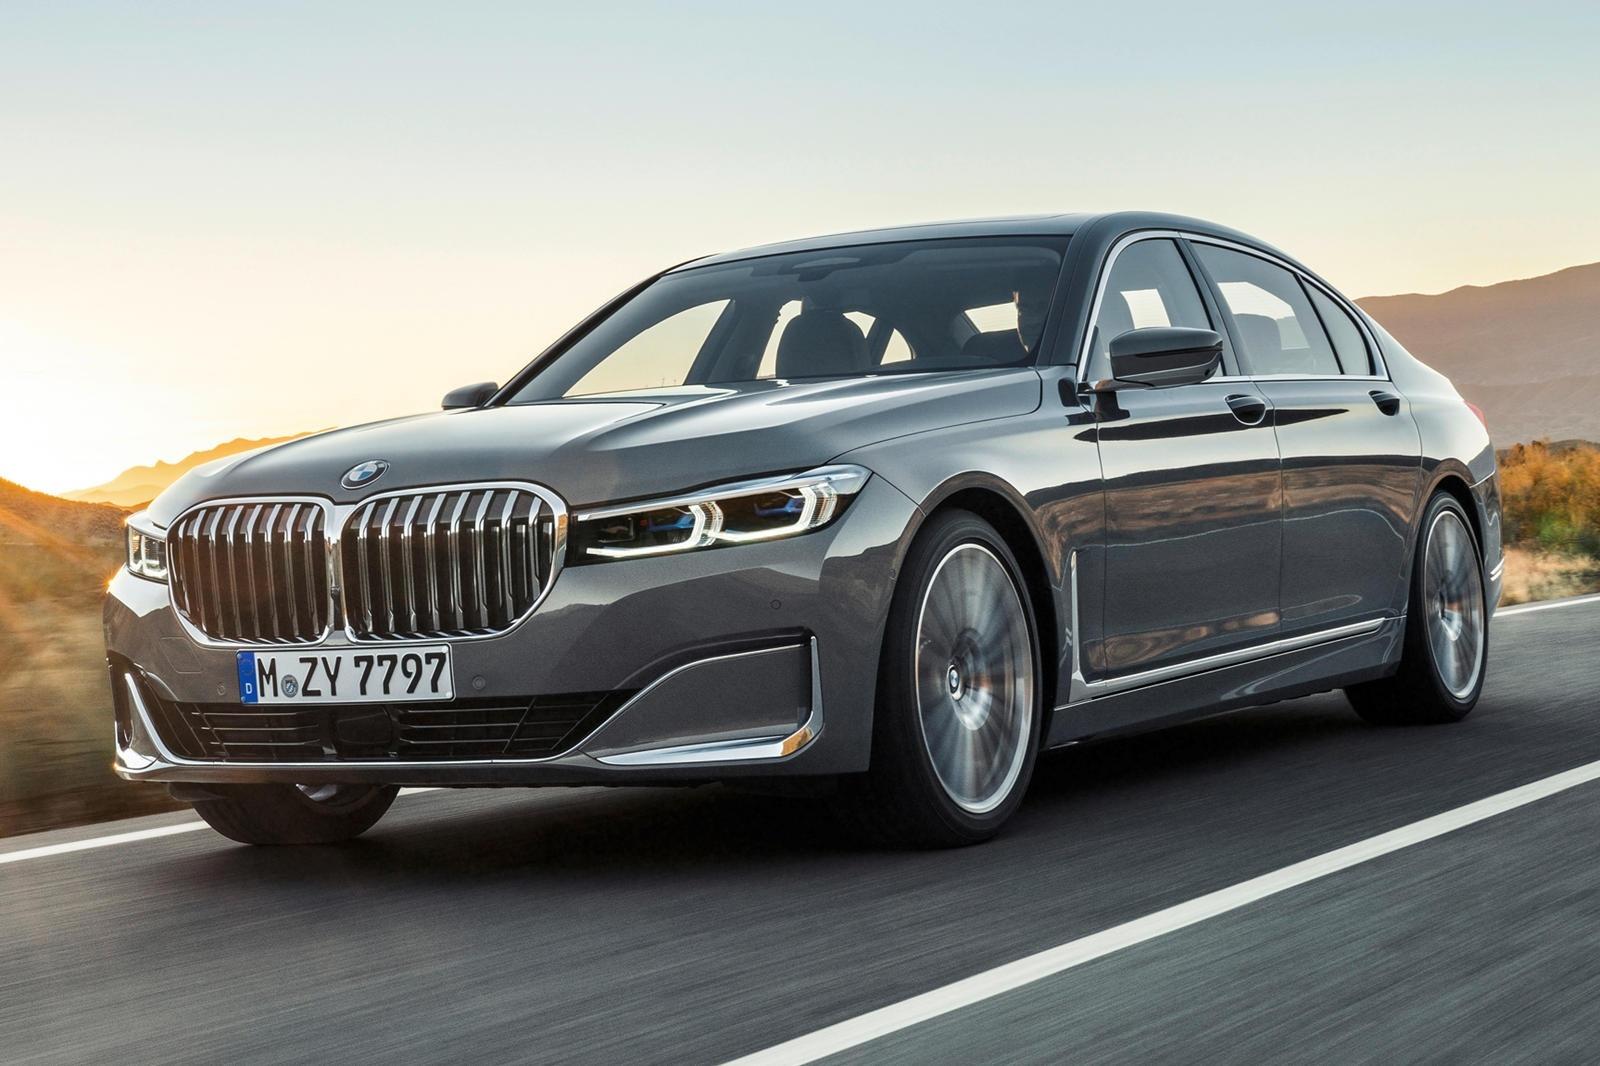 2021 BMW 7 Series Spy Shots